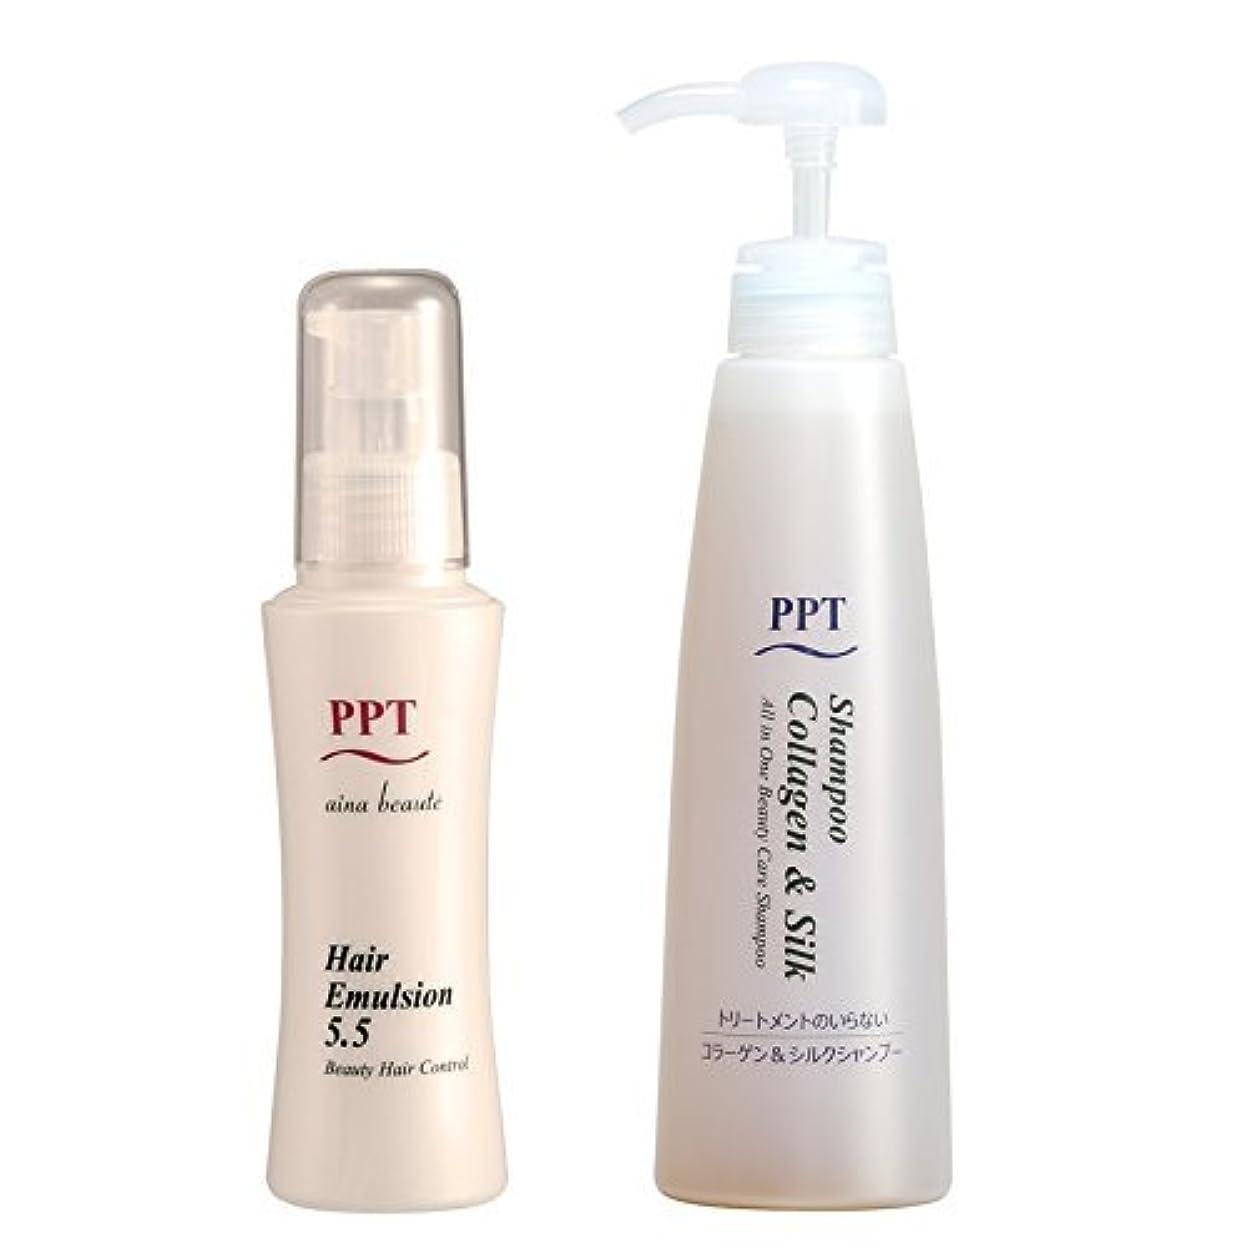 死傷者頂点インフレーショントリートメント不要 PPTコラーゲン&シルクシャンプー脂性肌~普通肌用(ふんわり)、PPTヘアエマルジョン5.5セット